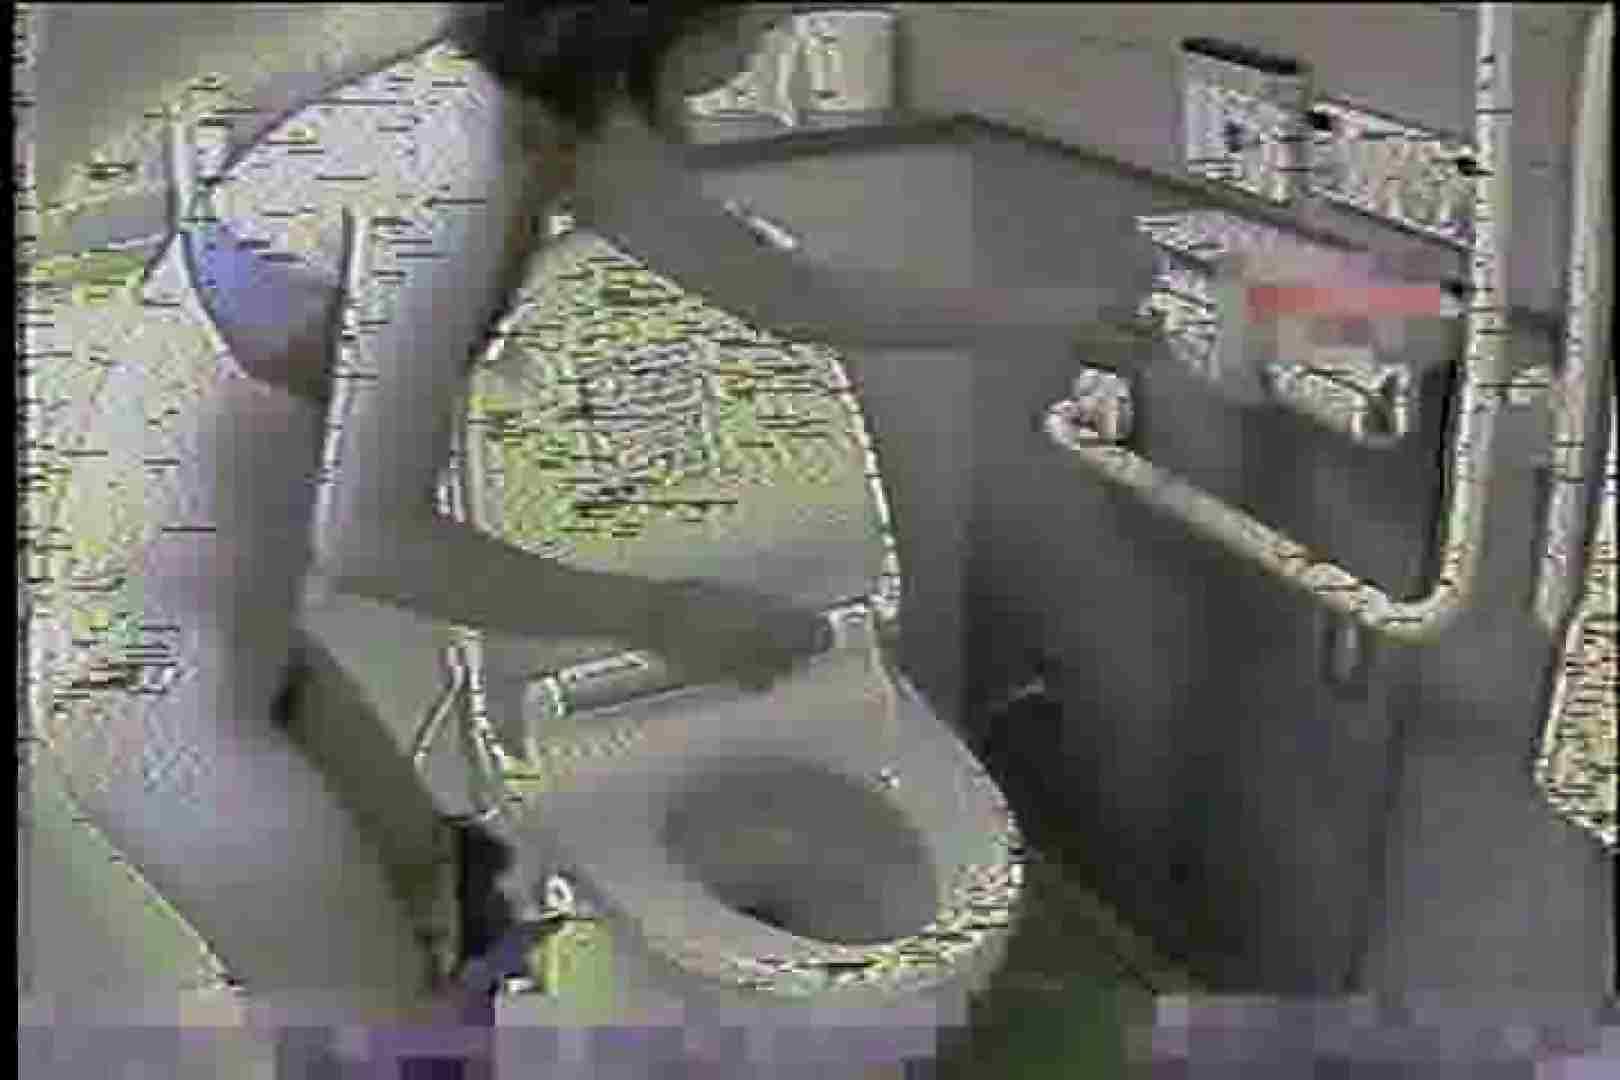 2点盗撮洗面所潜入レポートVol.7 洋式固定カメラ編 現役ギャル エロ無料画像 91pic 68